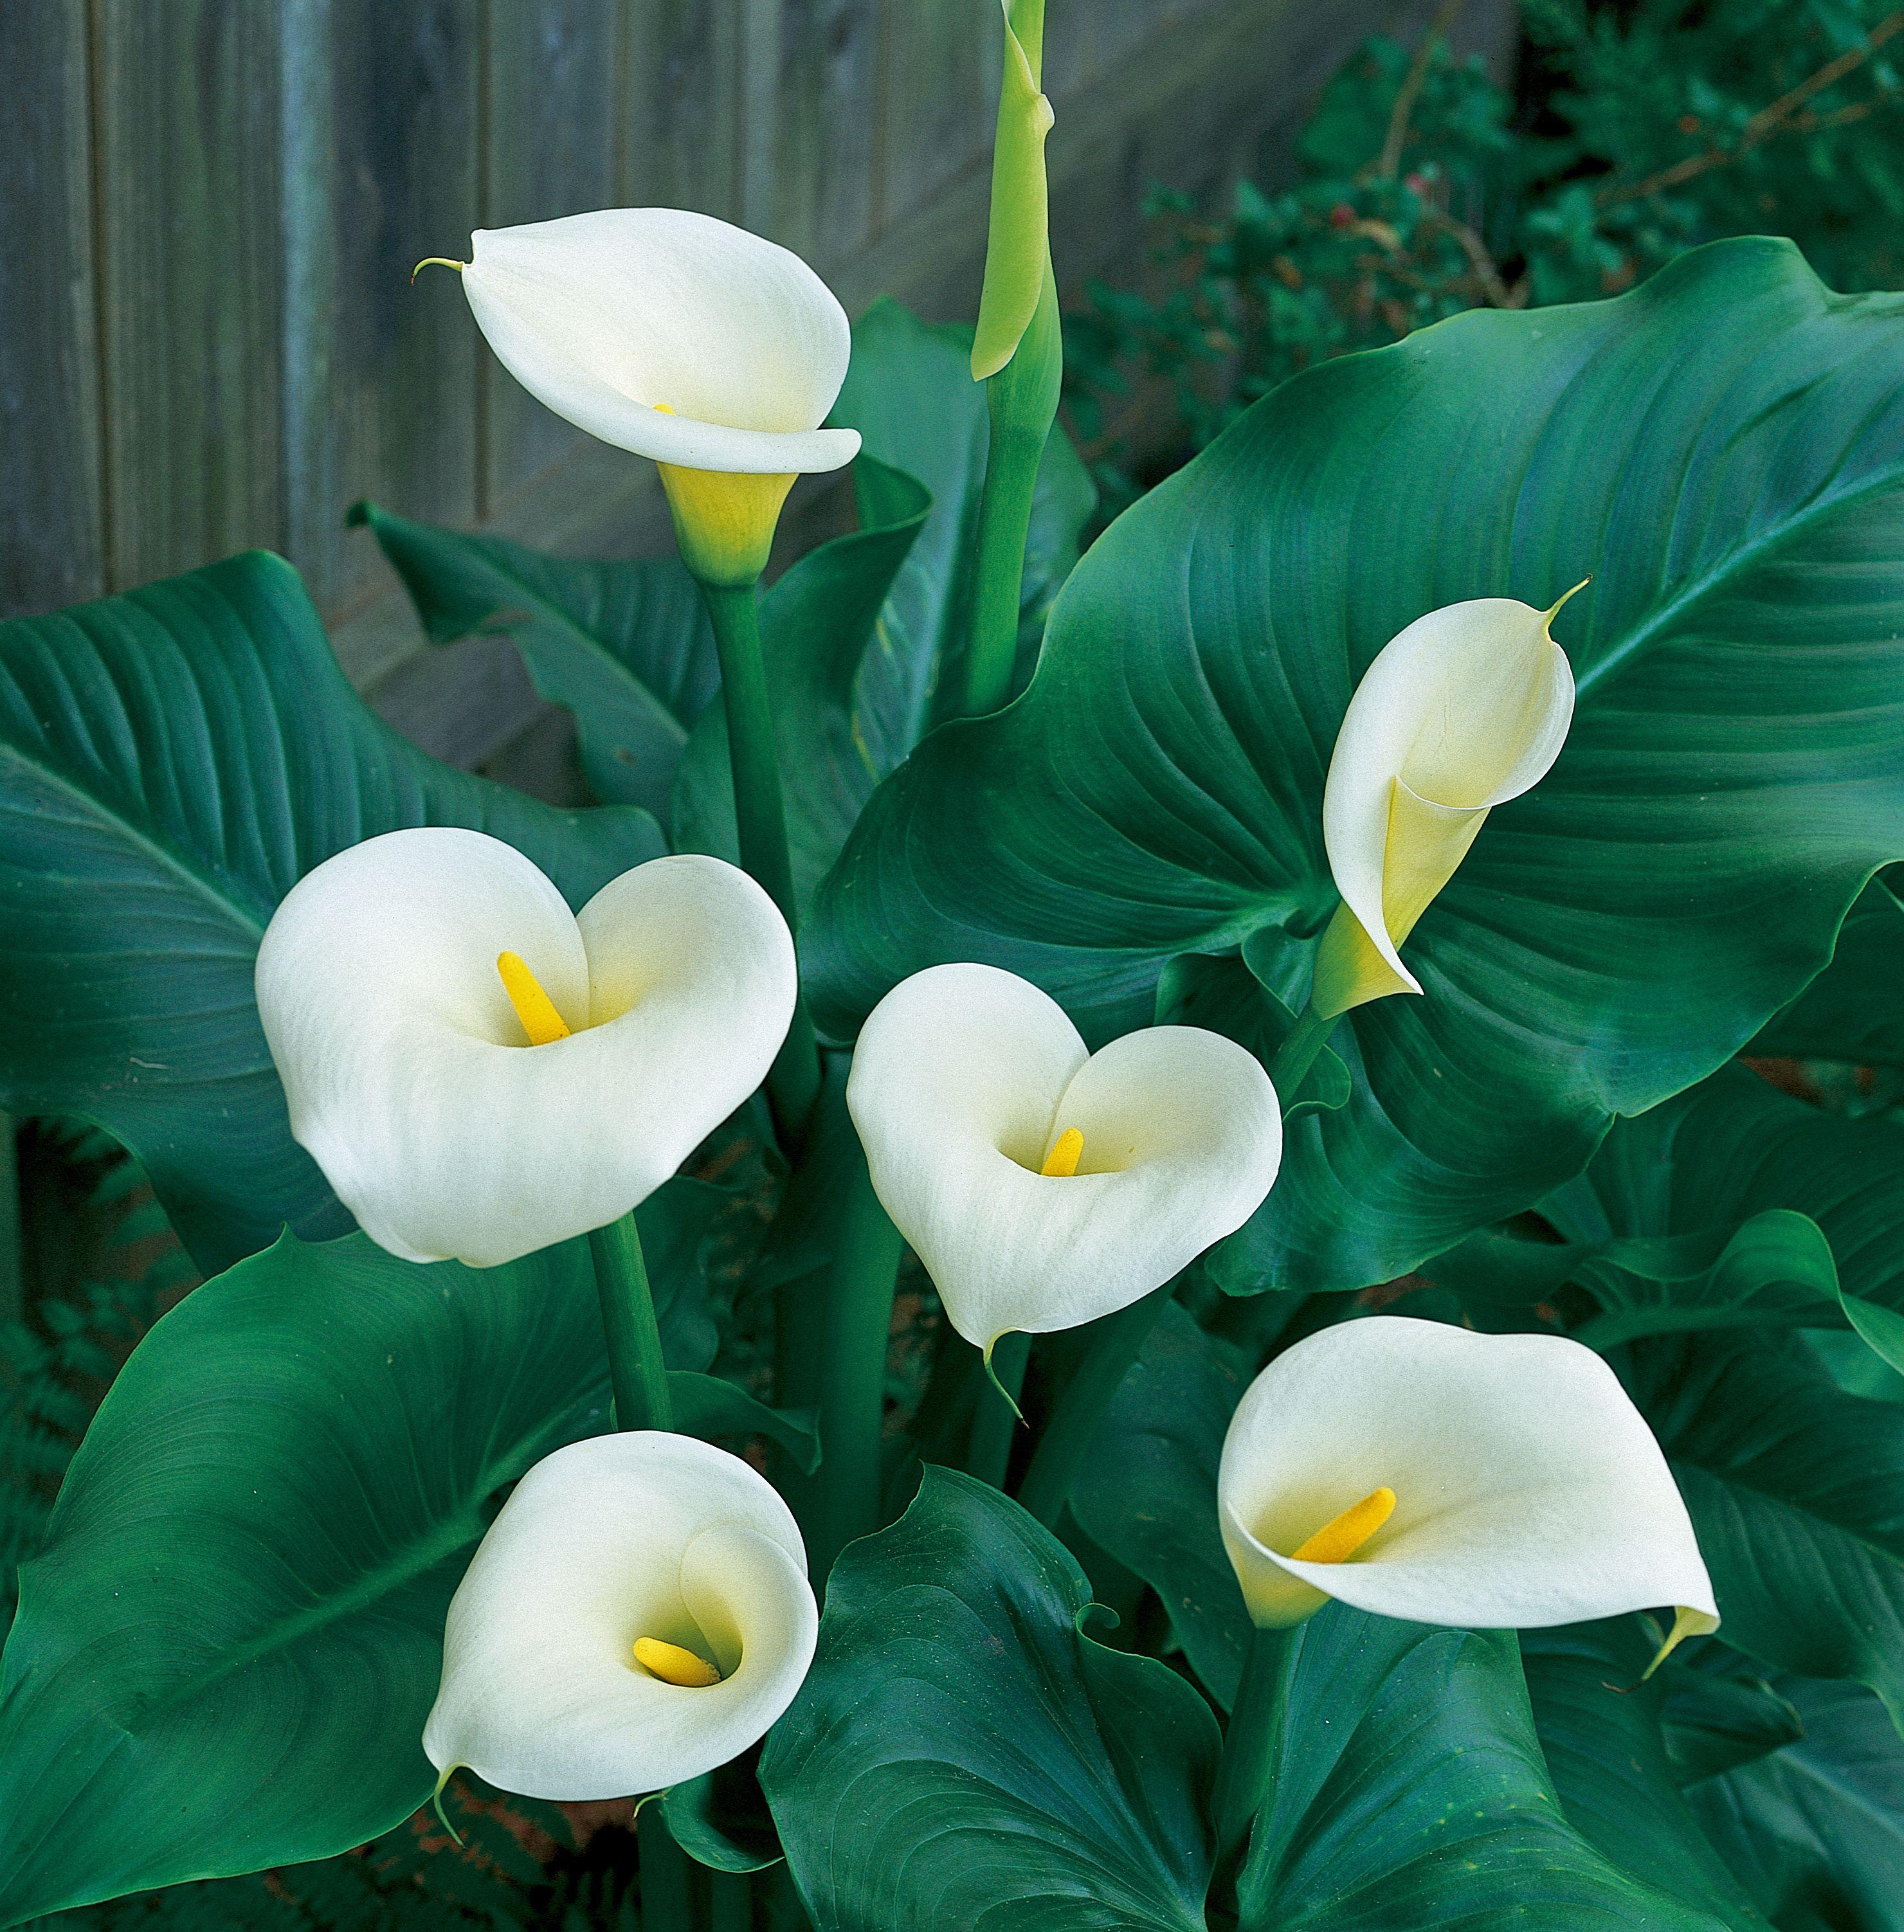 Aethiopica white calla lily bulbs for sale garden pinterest aethiopica white calla lily bulbs for sale izmirmasajfo